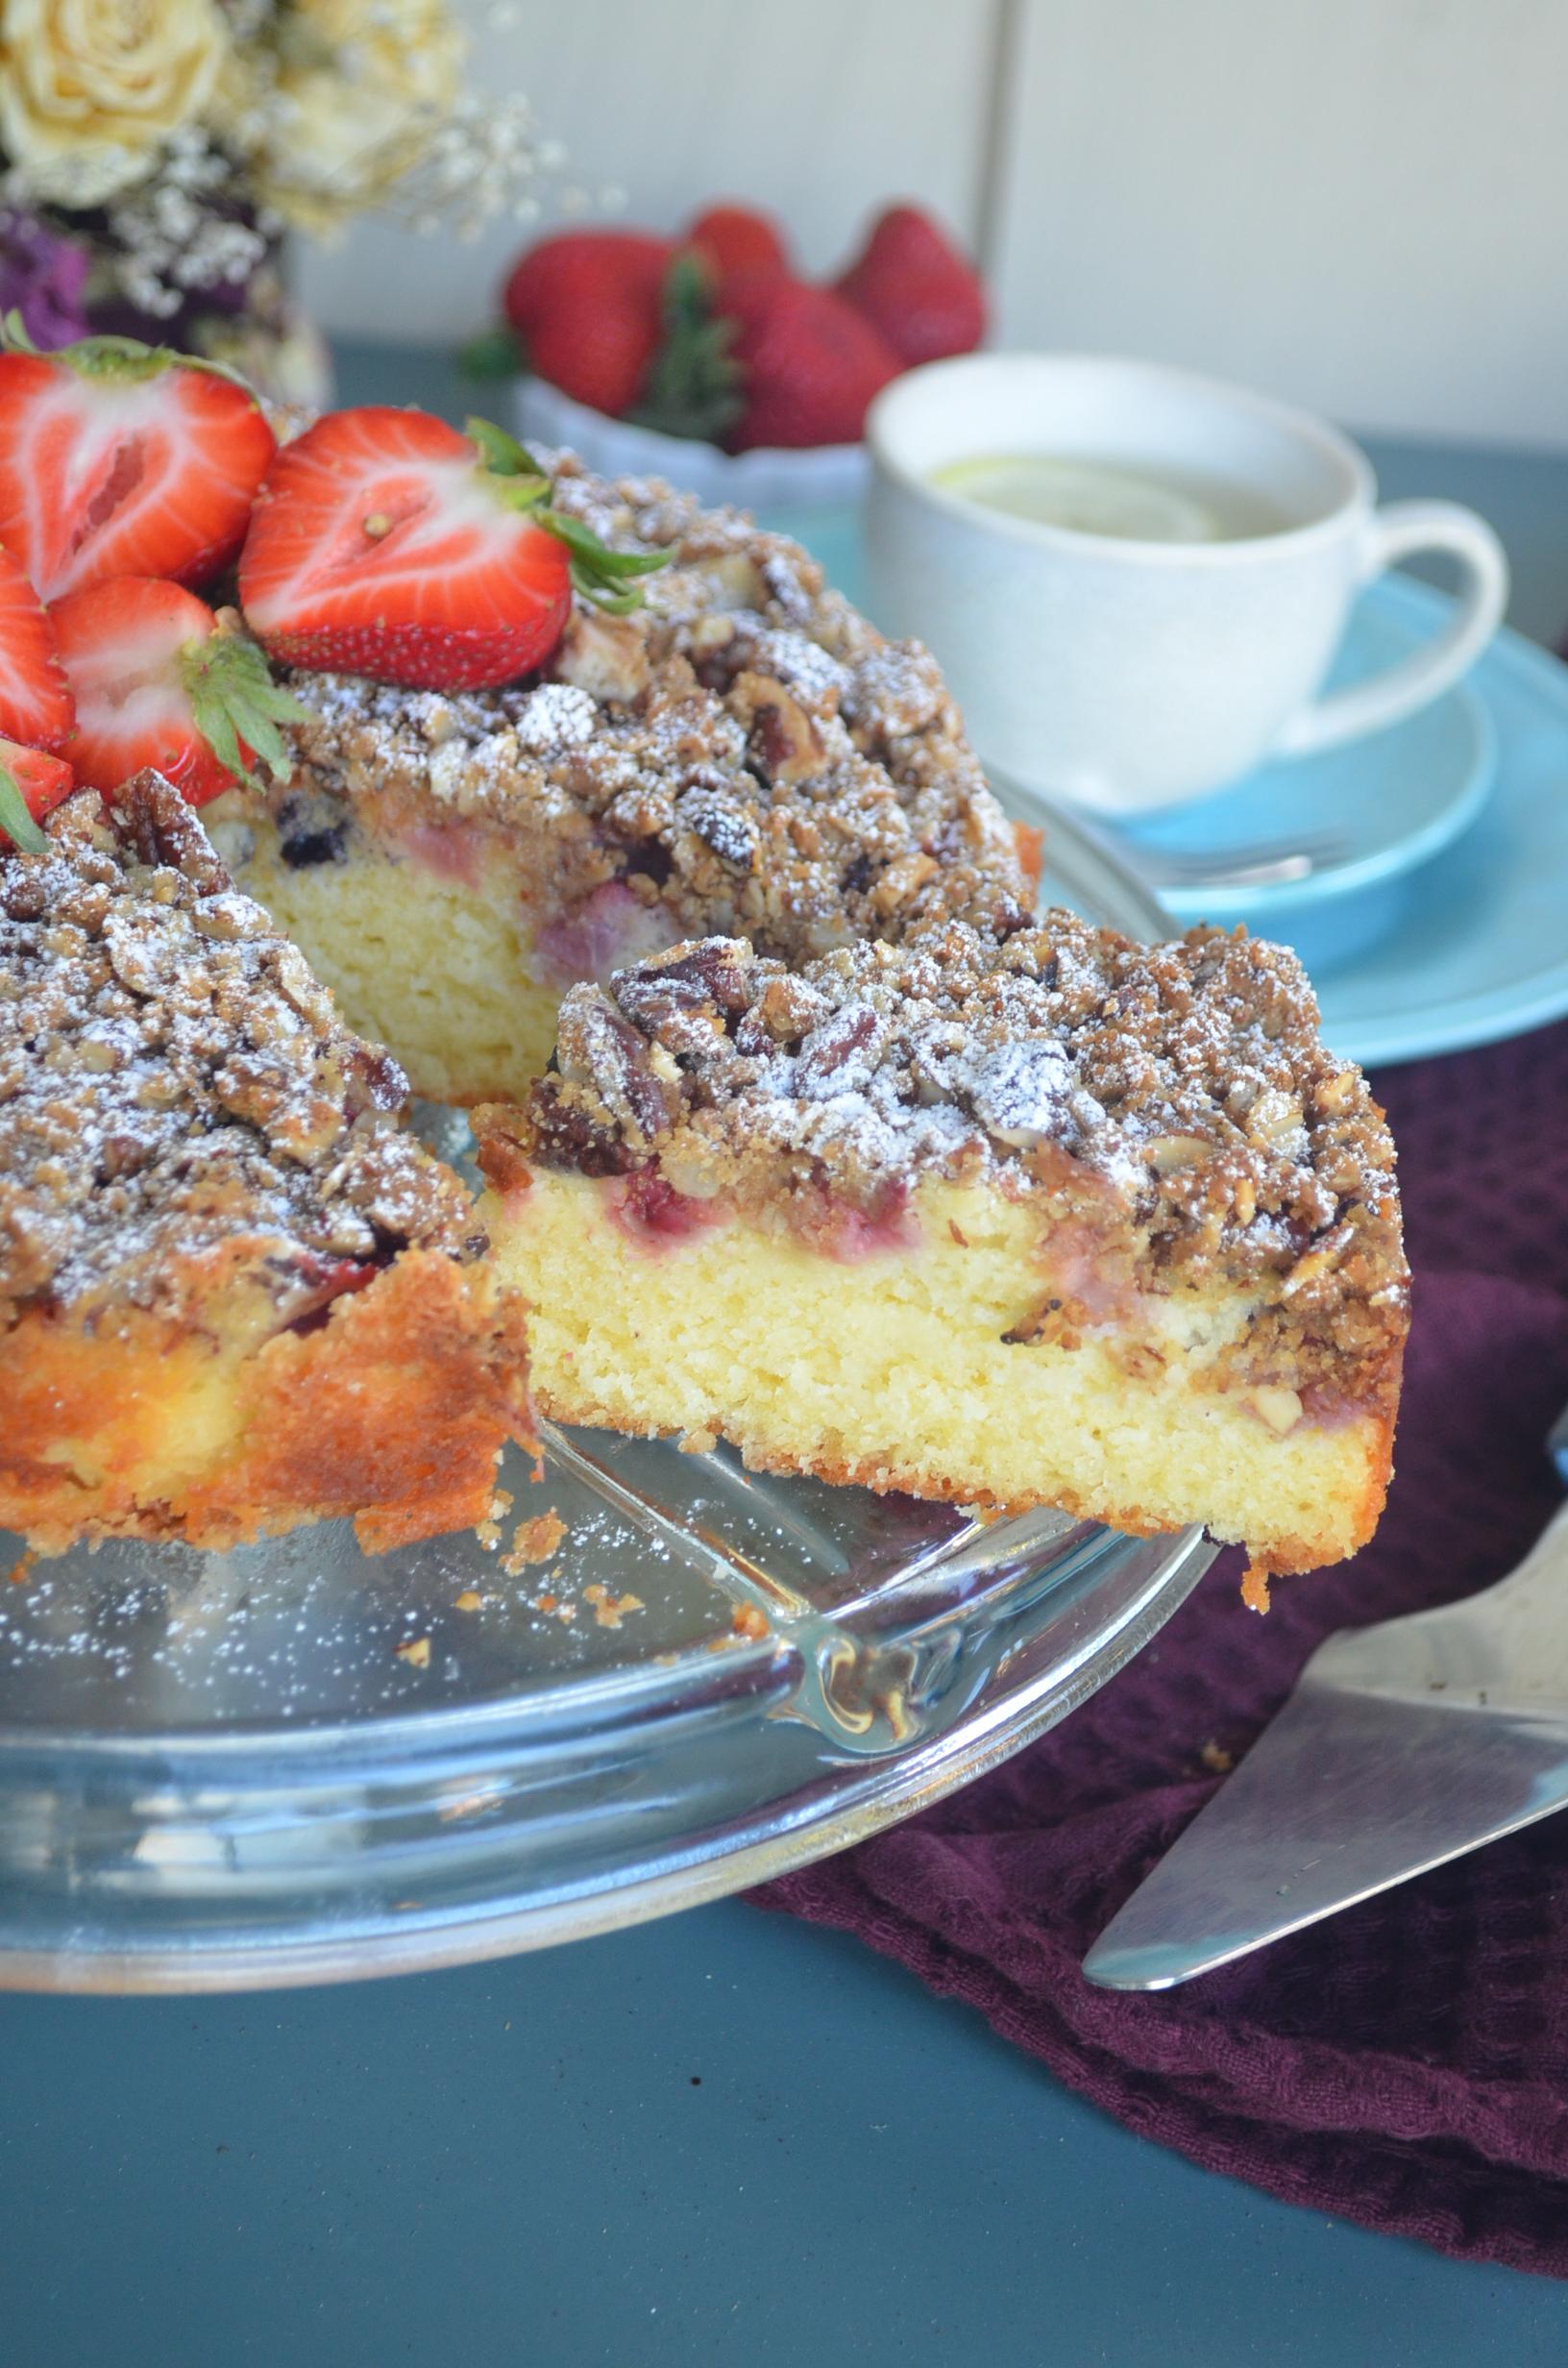 Summer Berries Almond Crumb Cake By SweetnSpicyLiving